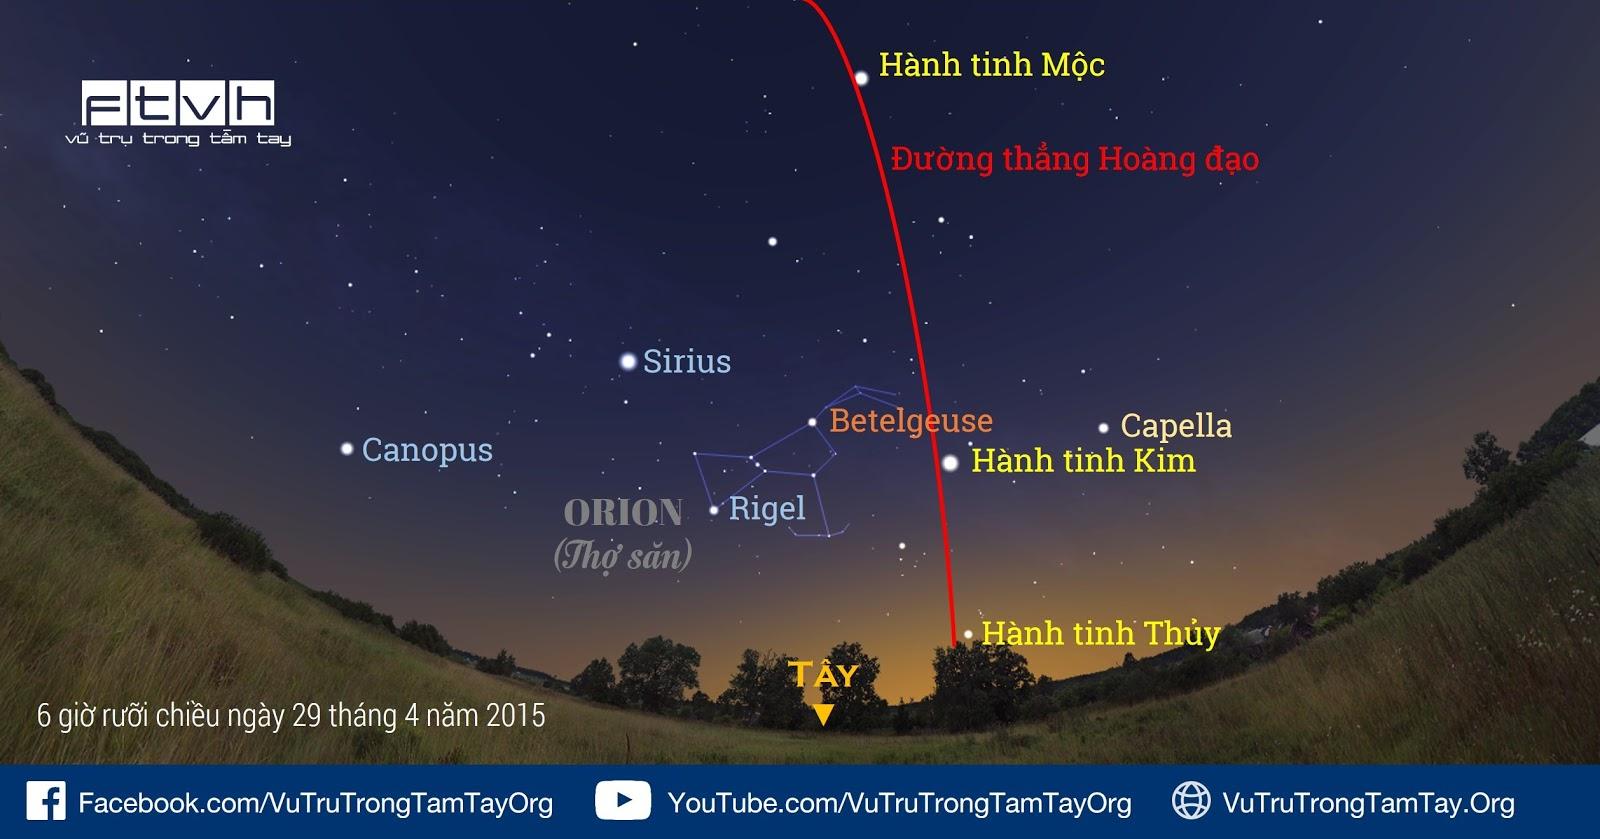 Quan sát hành tinh Thủy nhanh chóng ngay khi Mặt Trời vừa lặn vào chiều những chiều đầu tháng 5.